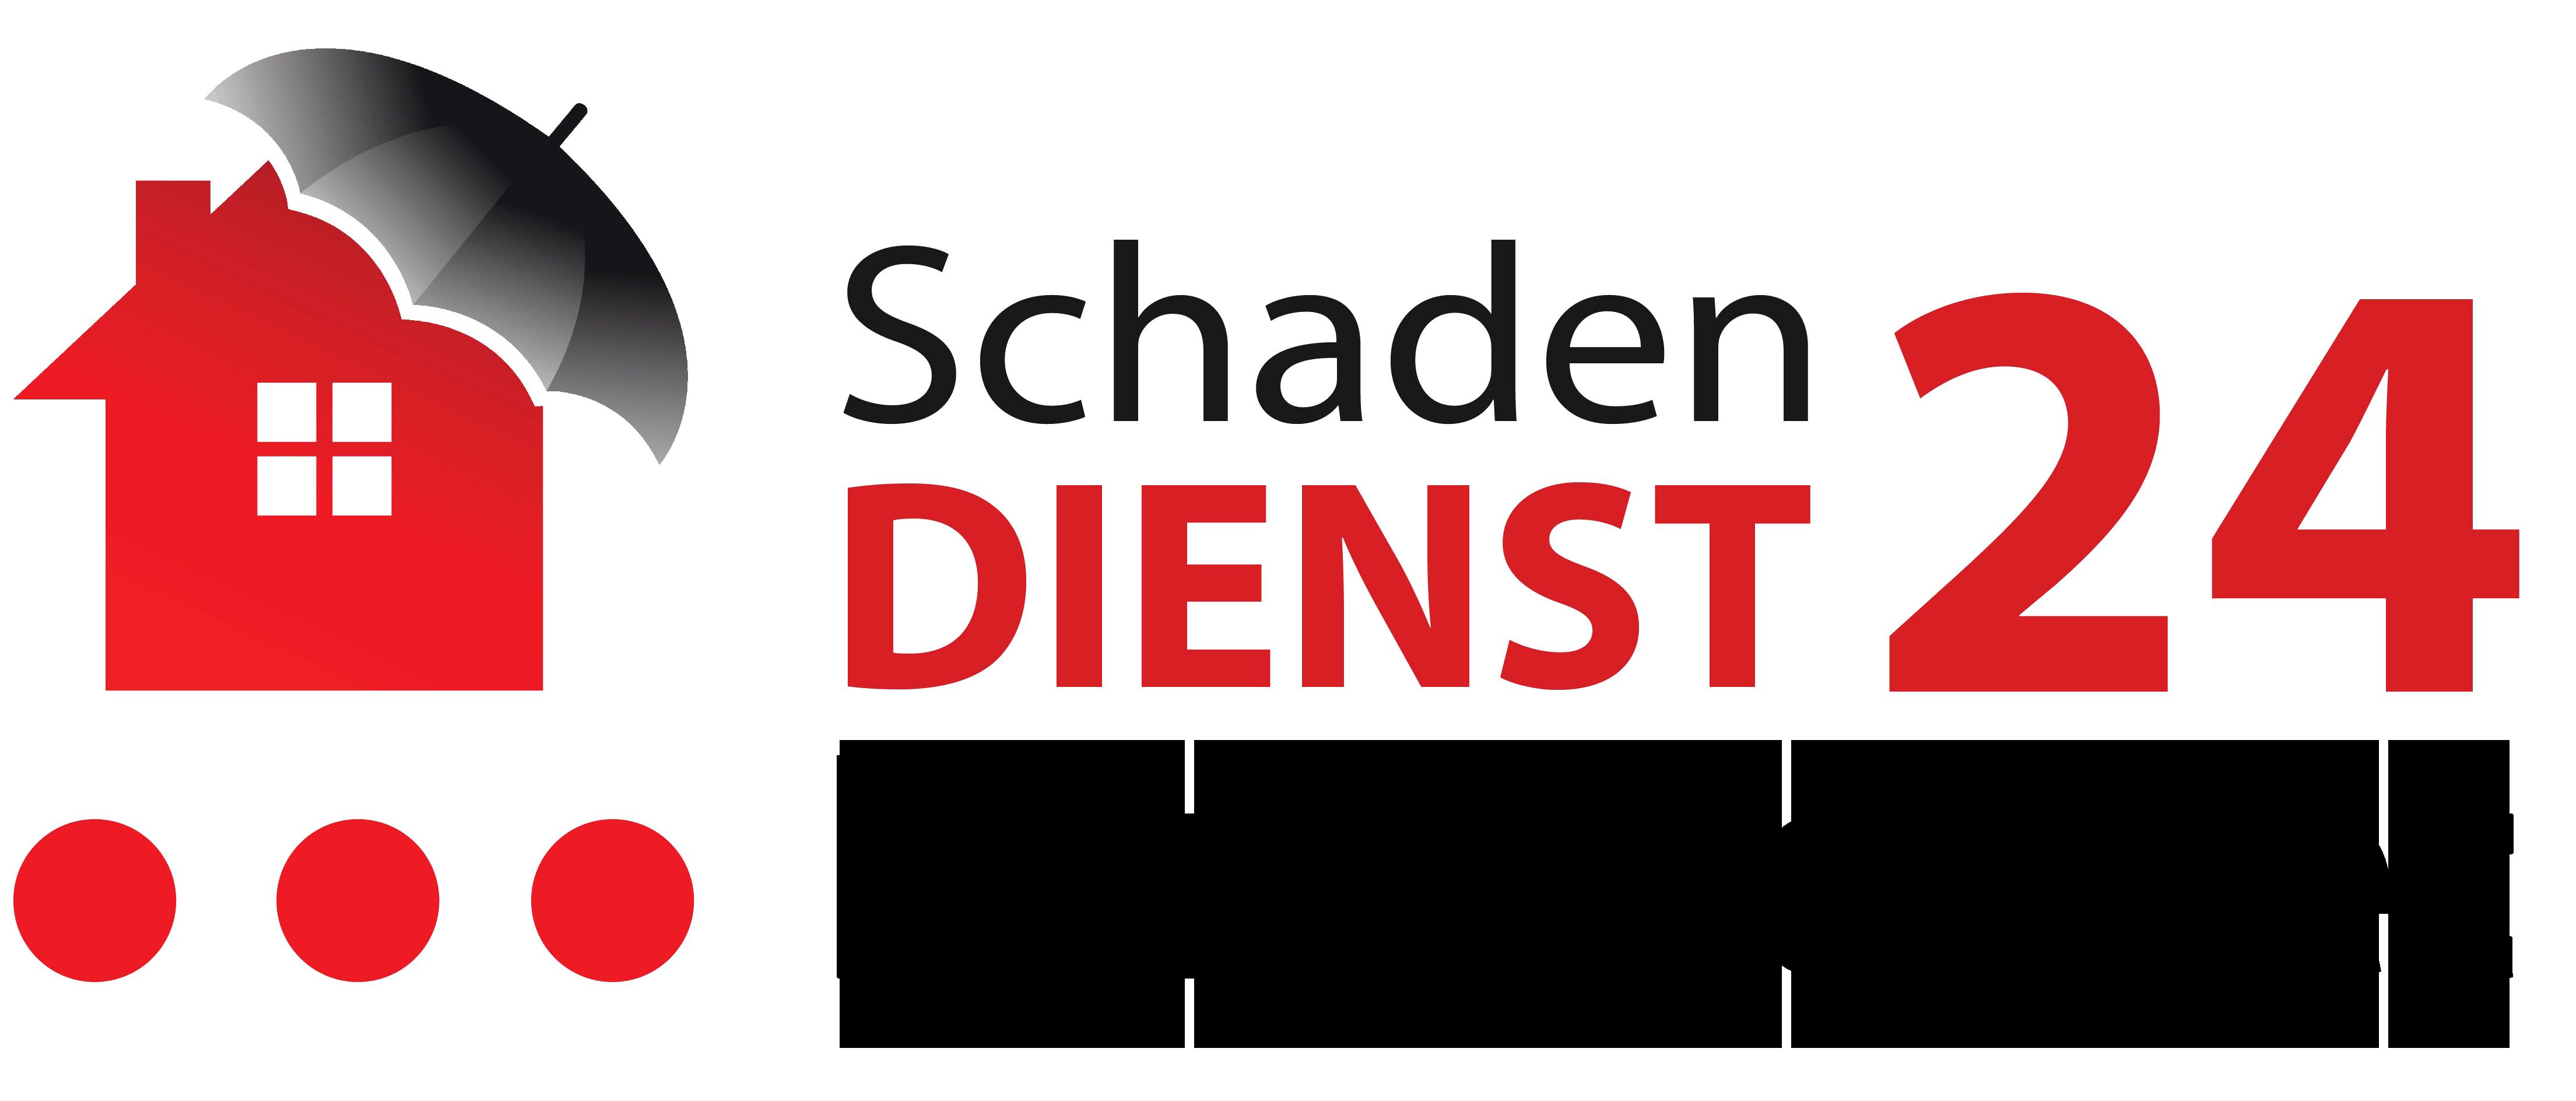 Schadendienst24 Ruhrgebiet Logo